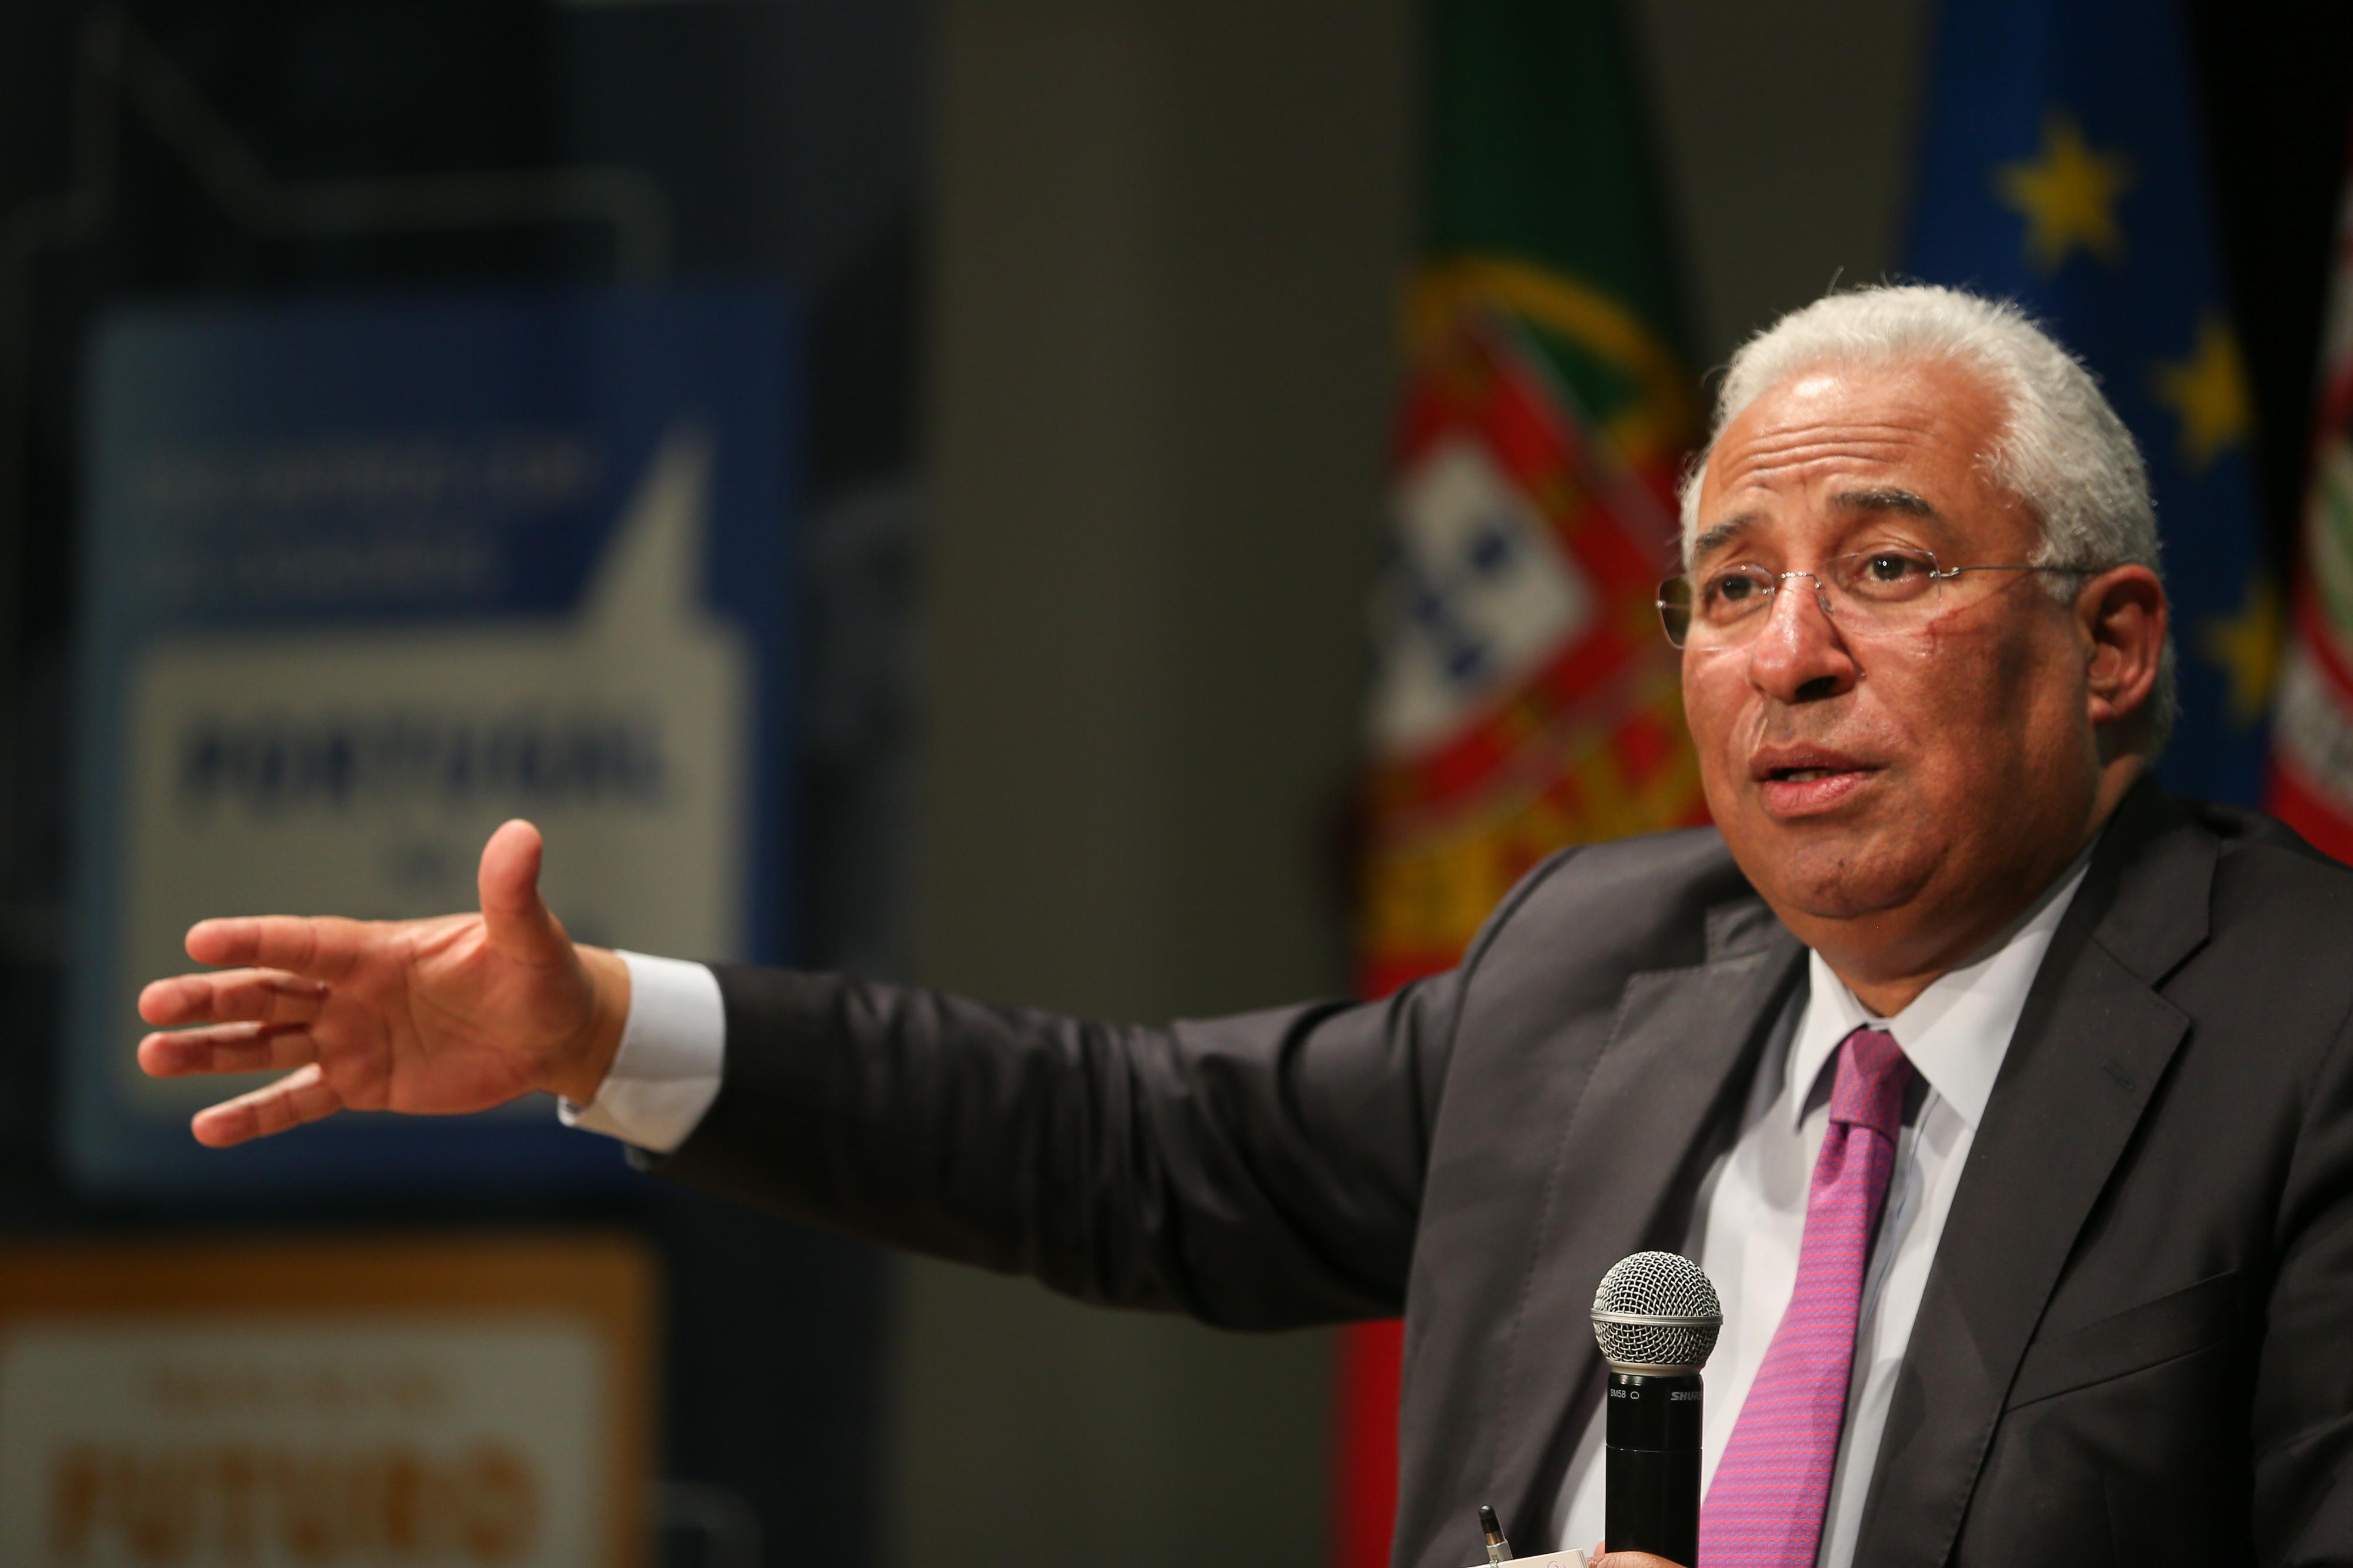 """Costa destaca """"excelente notícia"""" da subida de 'rating' de Portugal pela DBRS"""